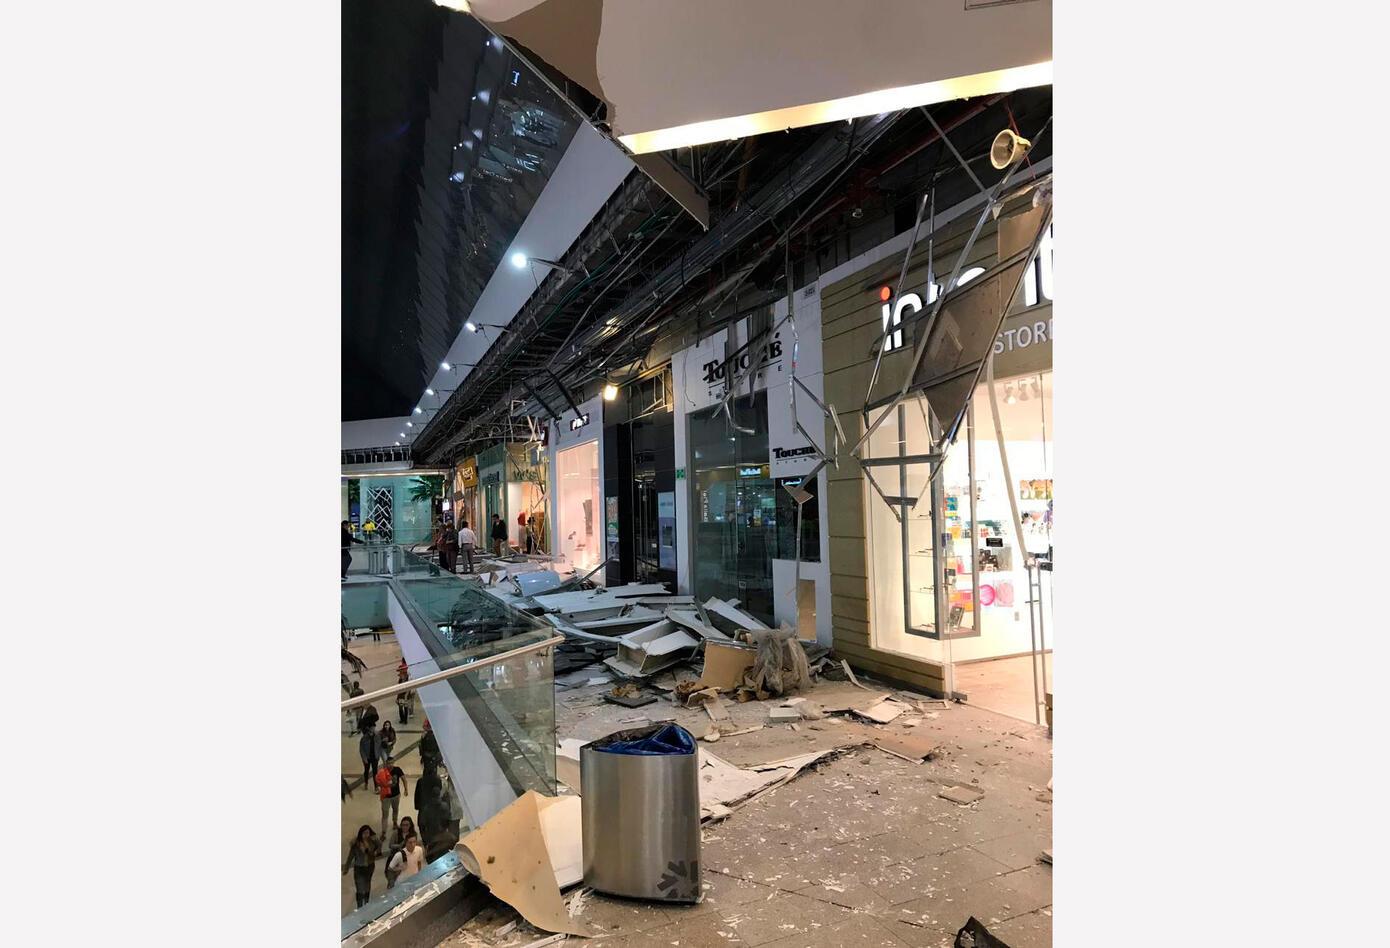 Nuevas imágenes de emergencia en Unicentro por caída de techo